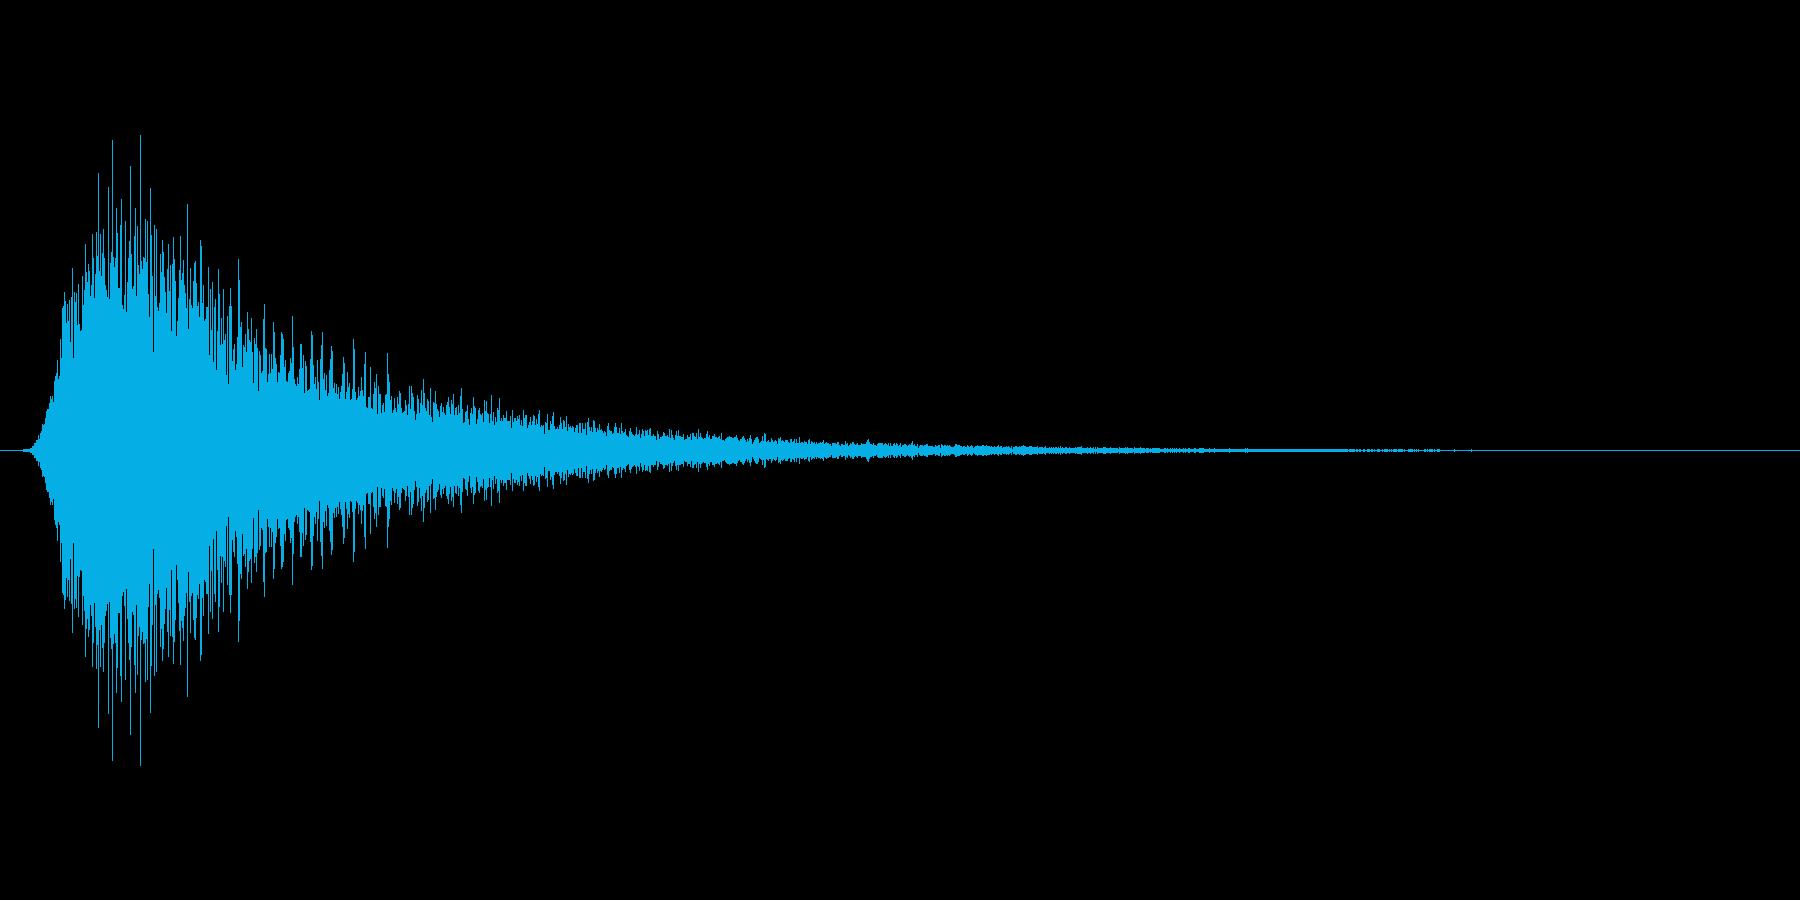 レーシングカーが高速で通過するような音の再生済みの波形